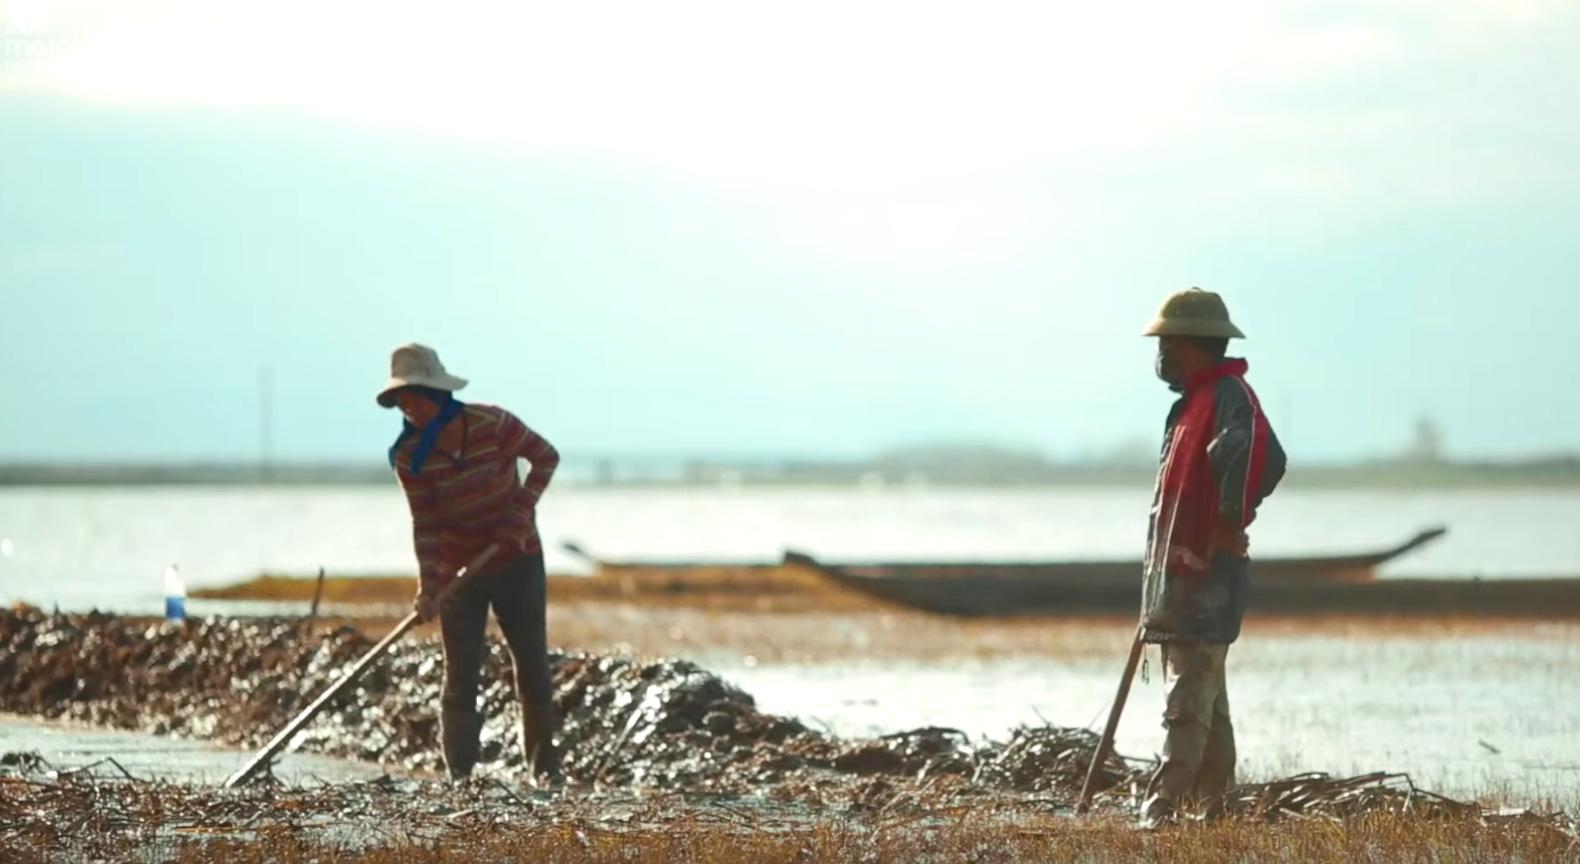 90秒間の「ベトナム体験」。人と大地の息づかいを感じる動画